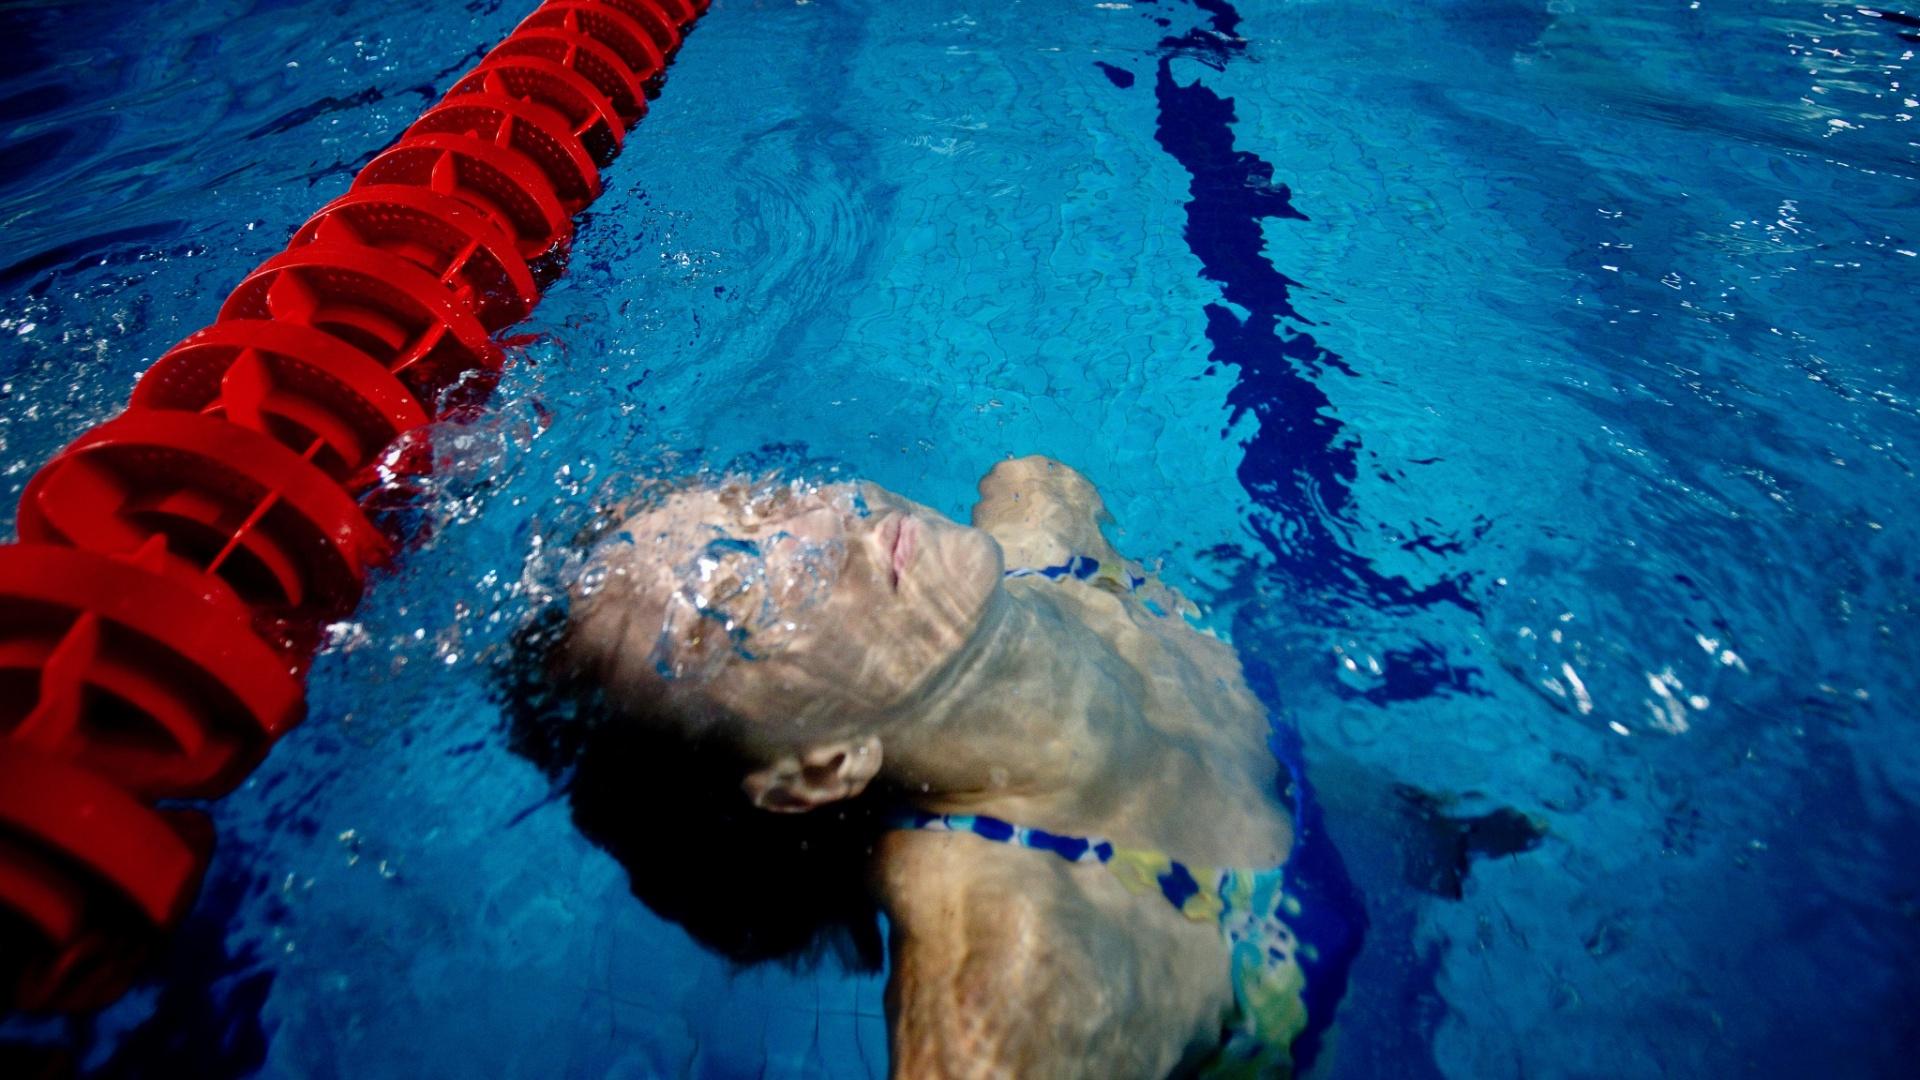 A atleta Yane Marques, do pentatlo moderno, treina no Centro Aquático Scotiabank para o Pan de Guadalajara